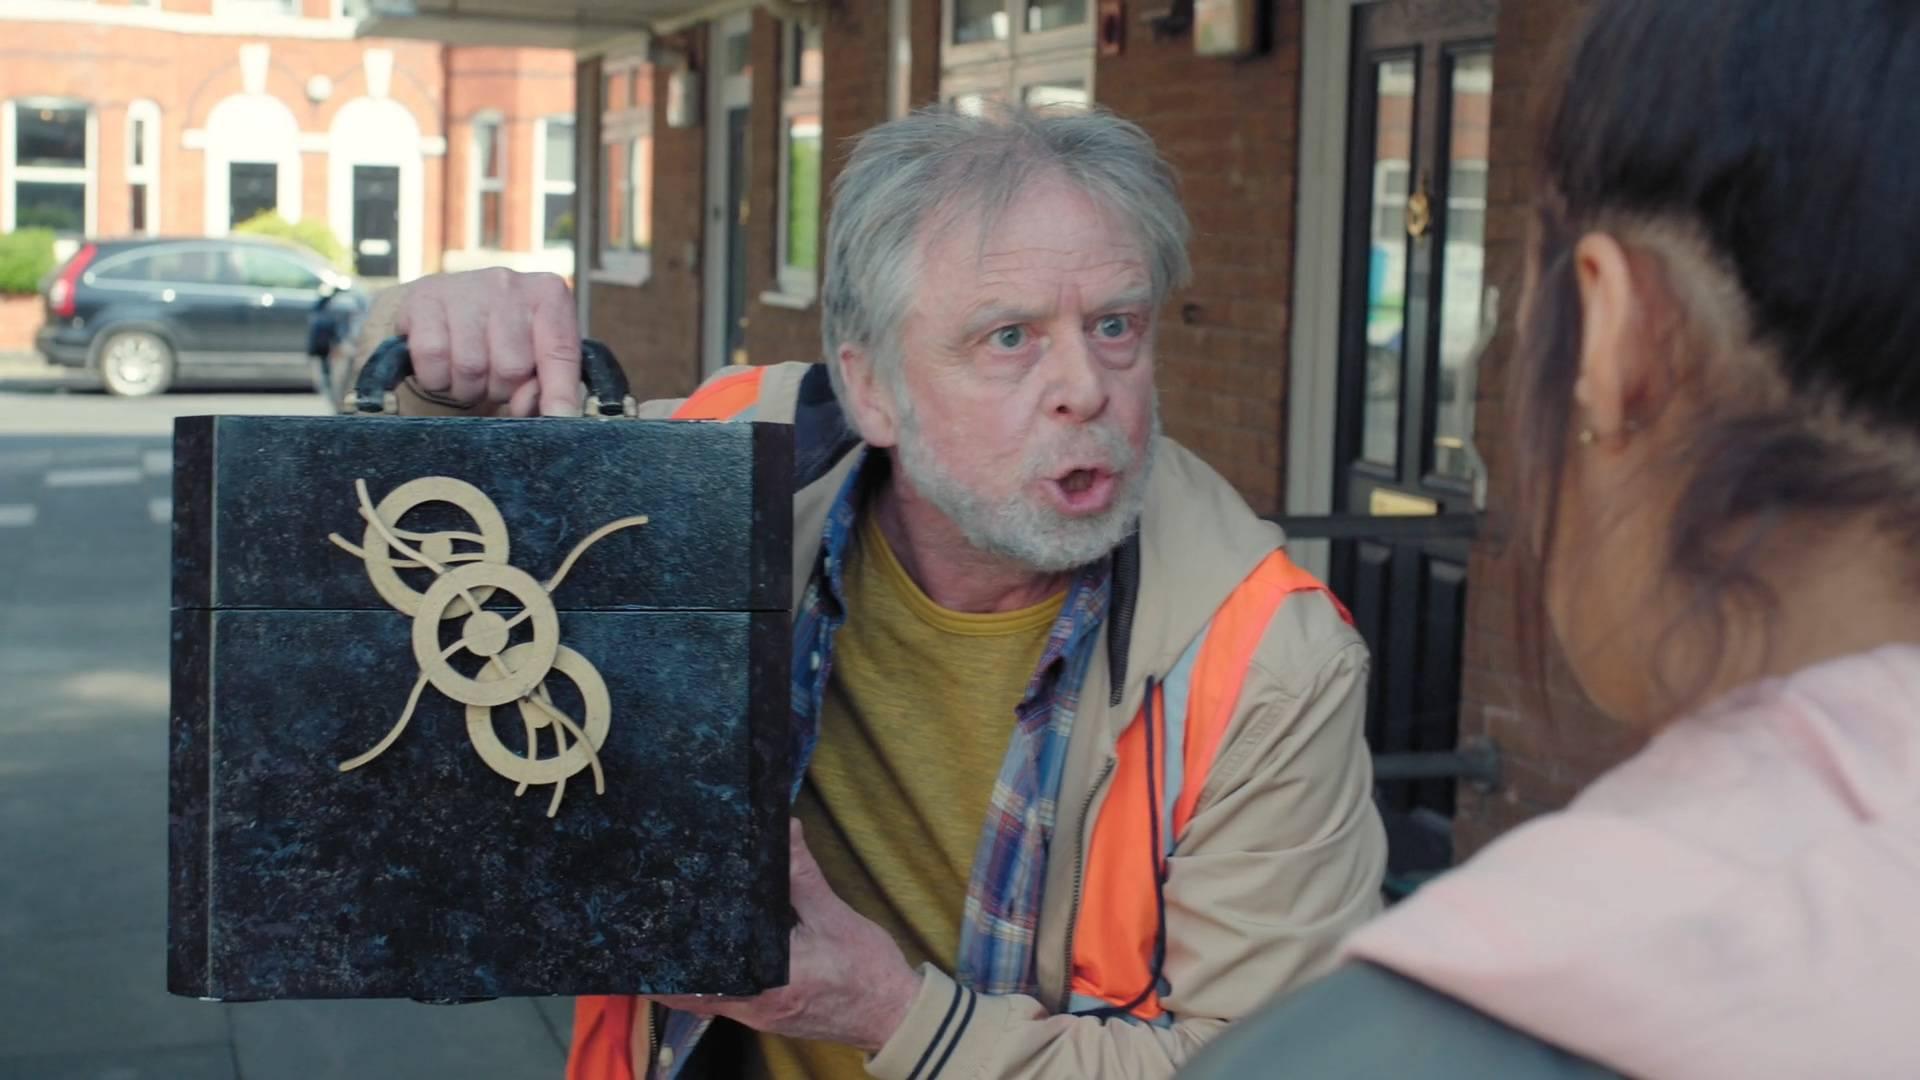 小伙突然老了40岁,发现是只怪箱子在搞鬼《猎奇怪谈:时间行者》